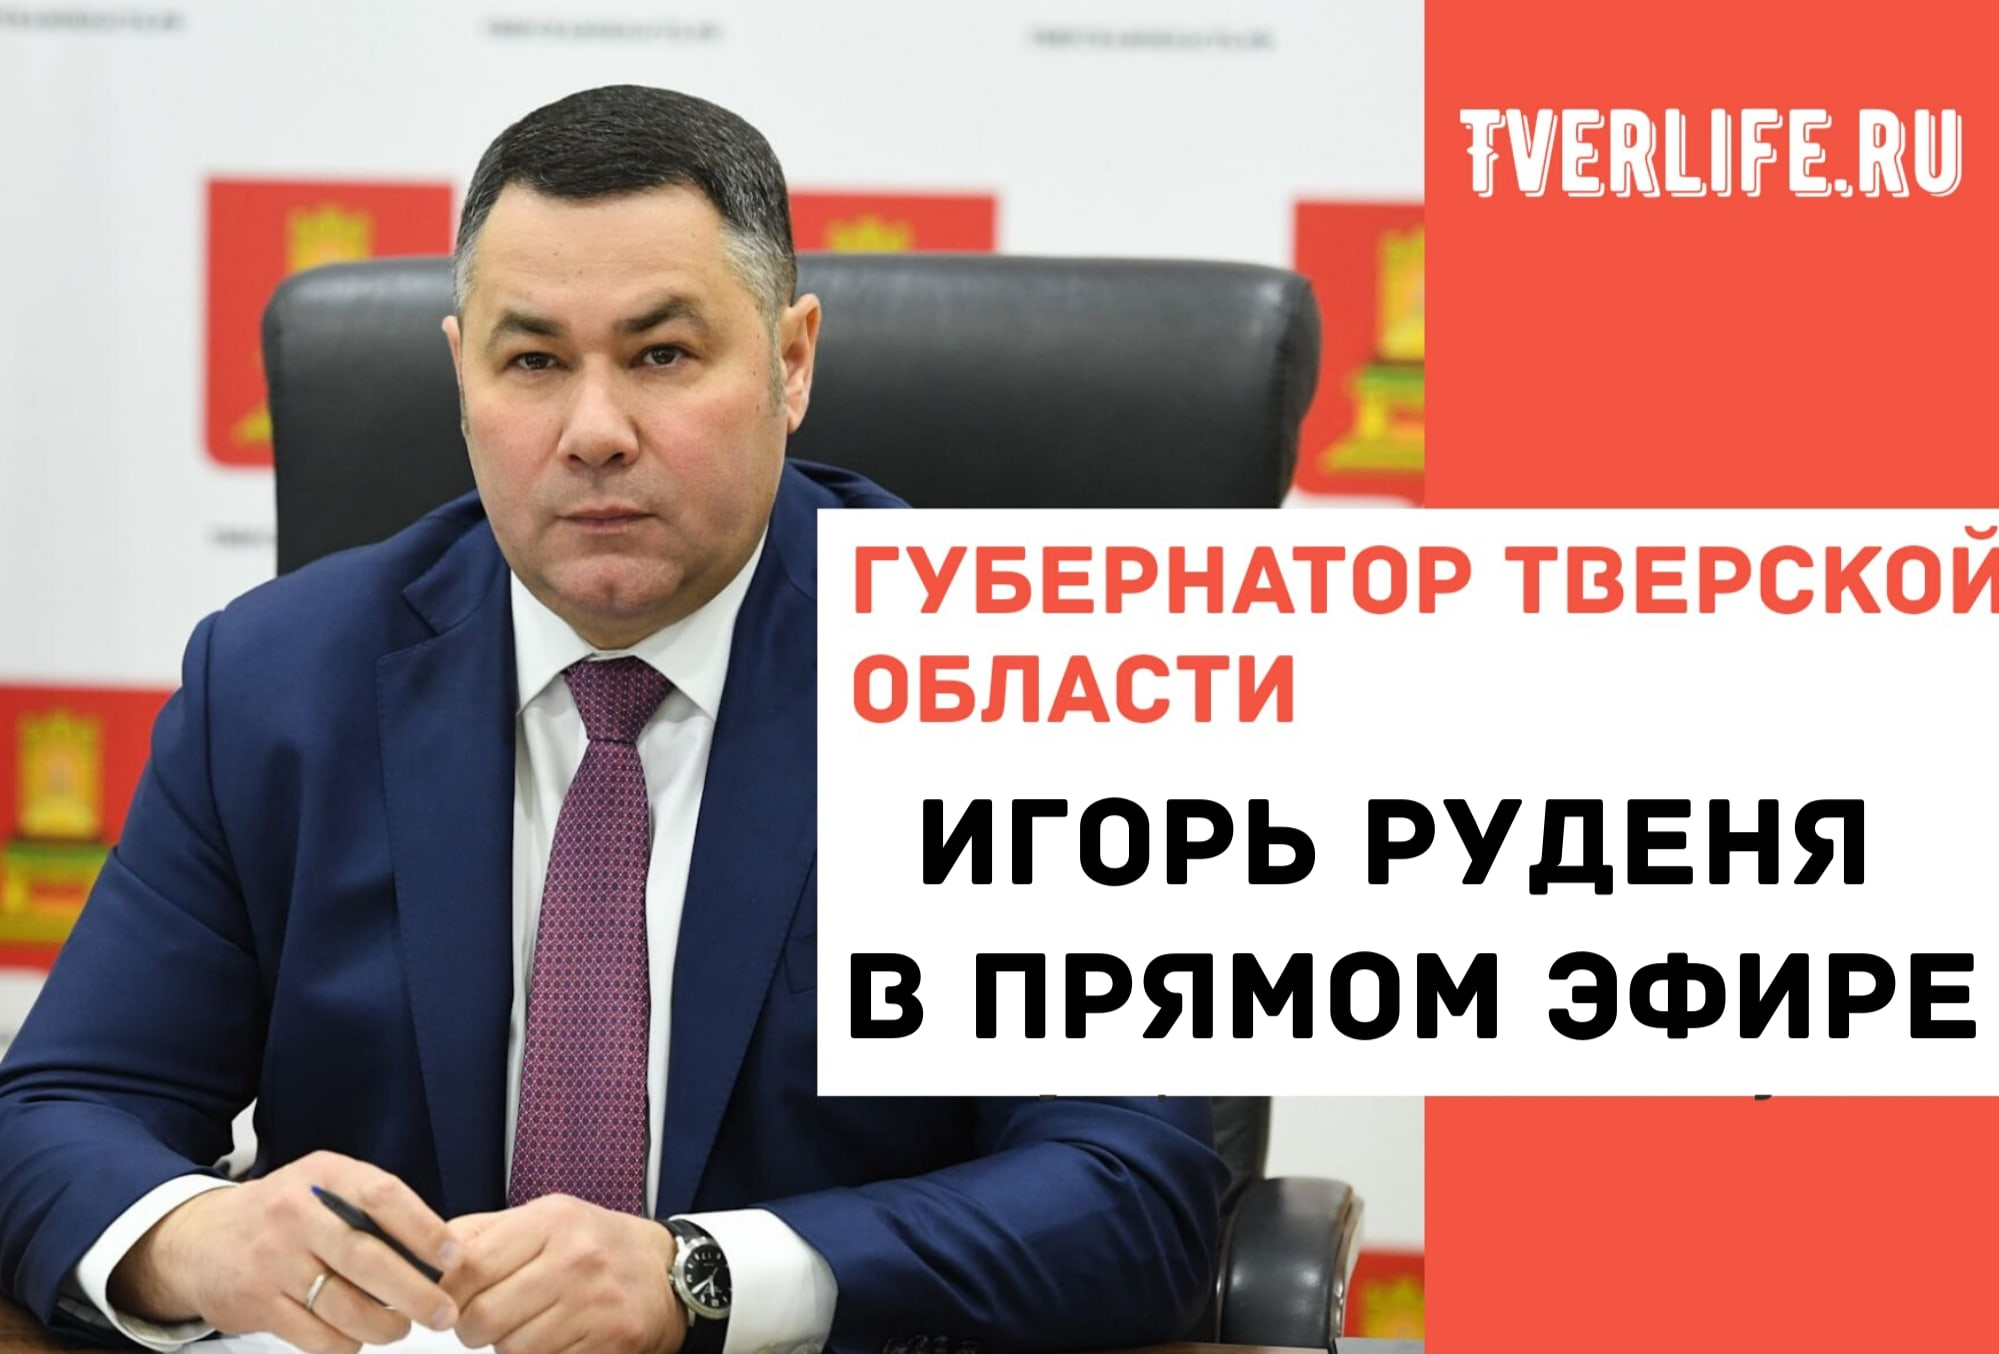 Губернатор Тверской области отвечает на актуальные вопросы в прямом эфире